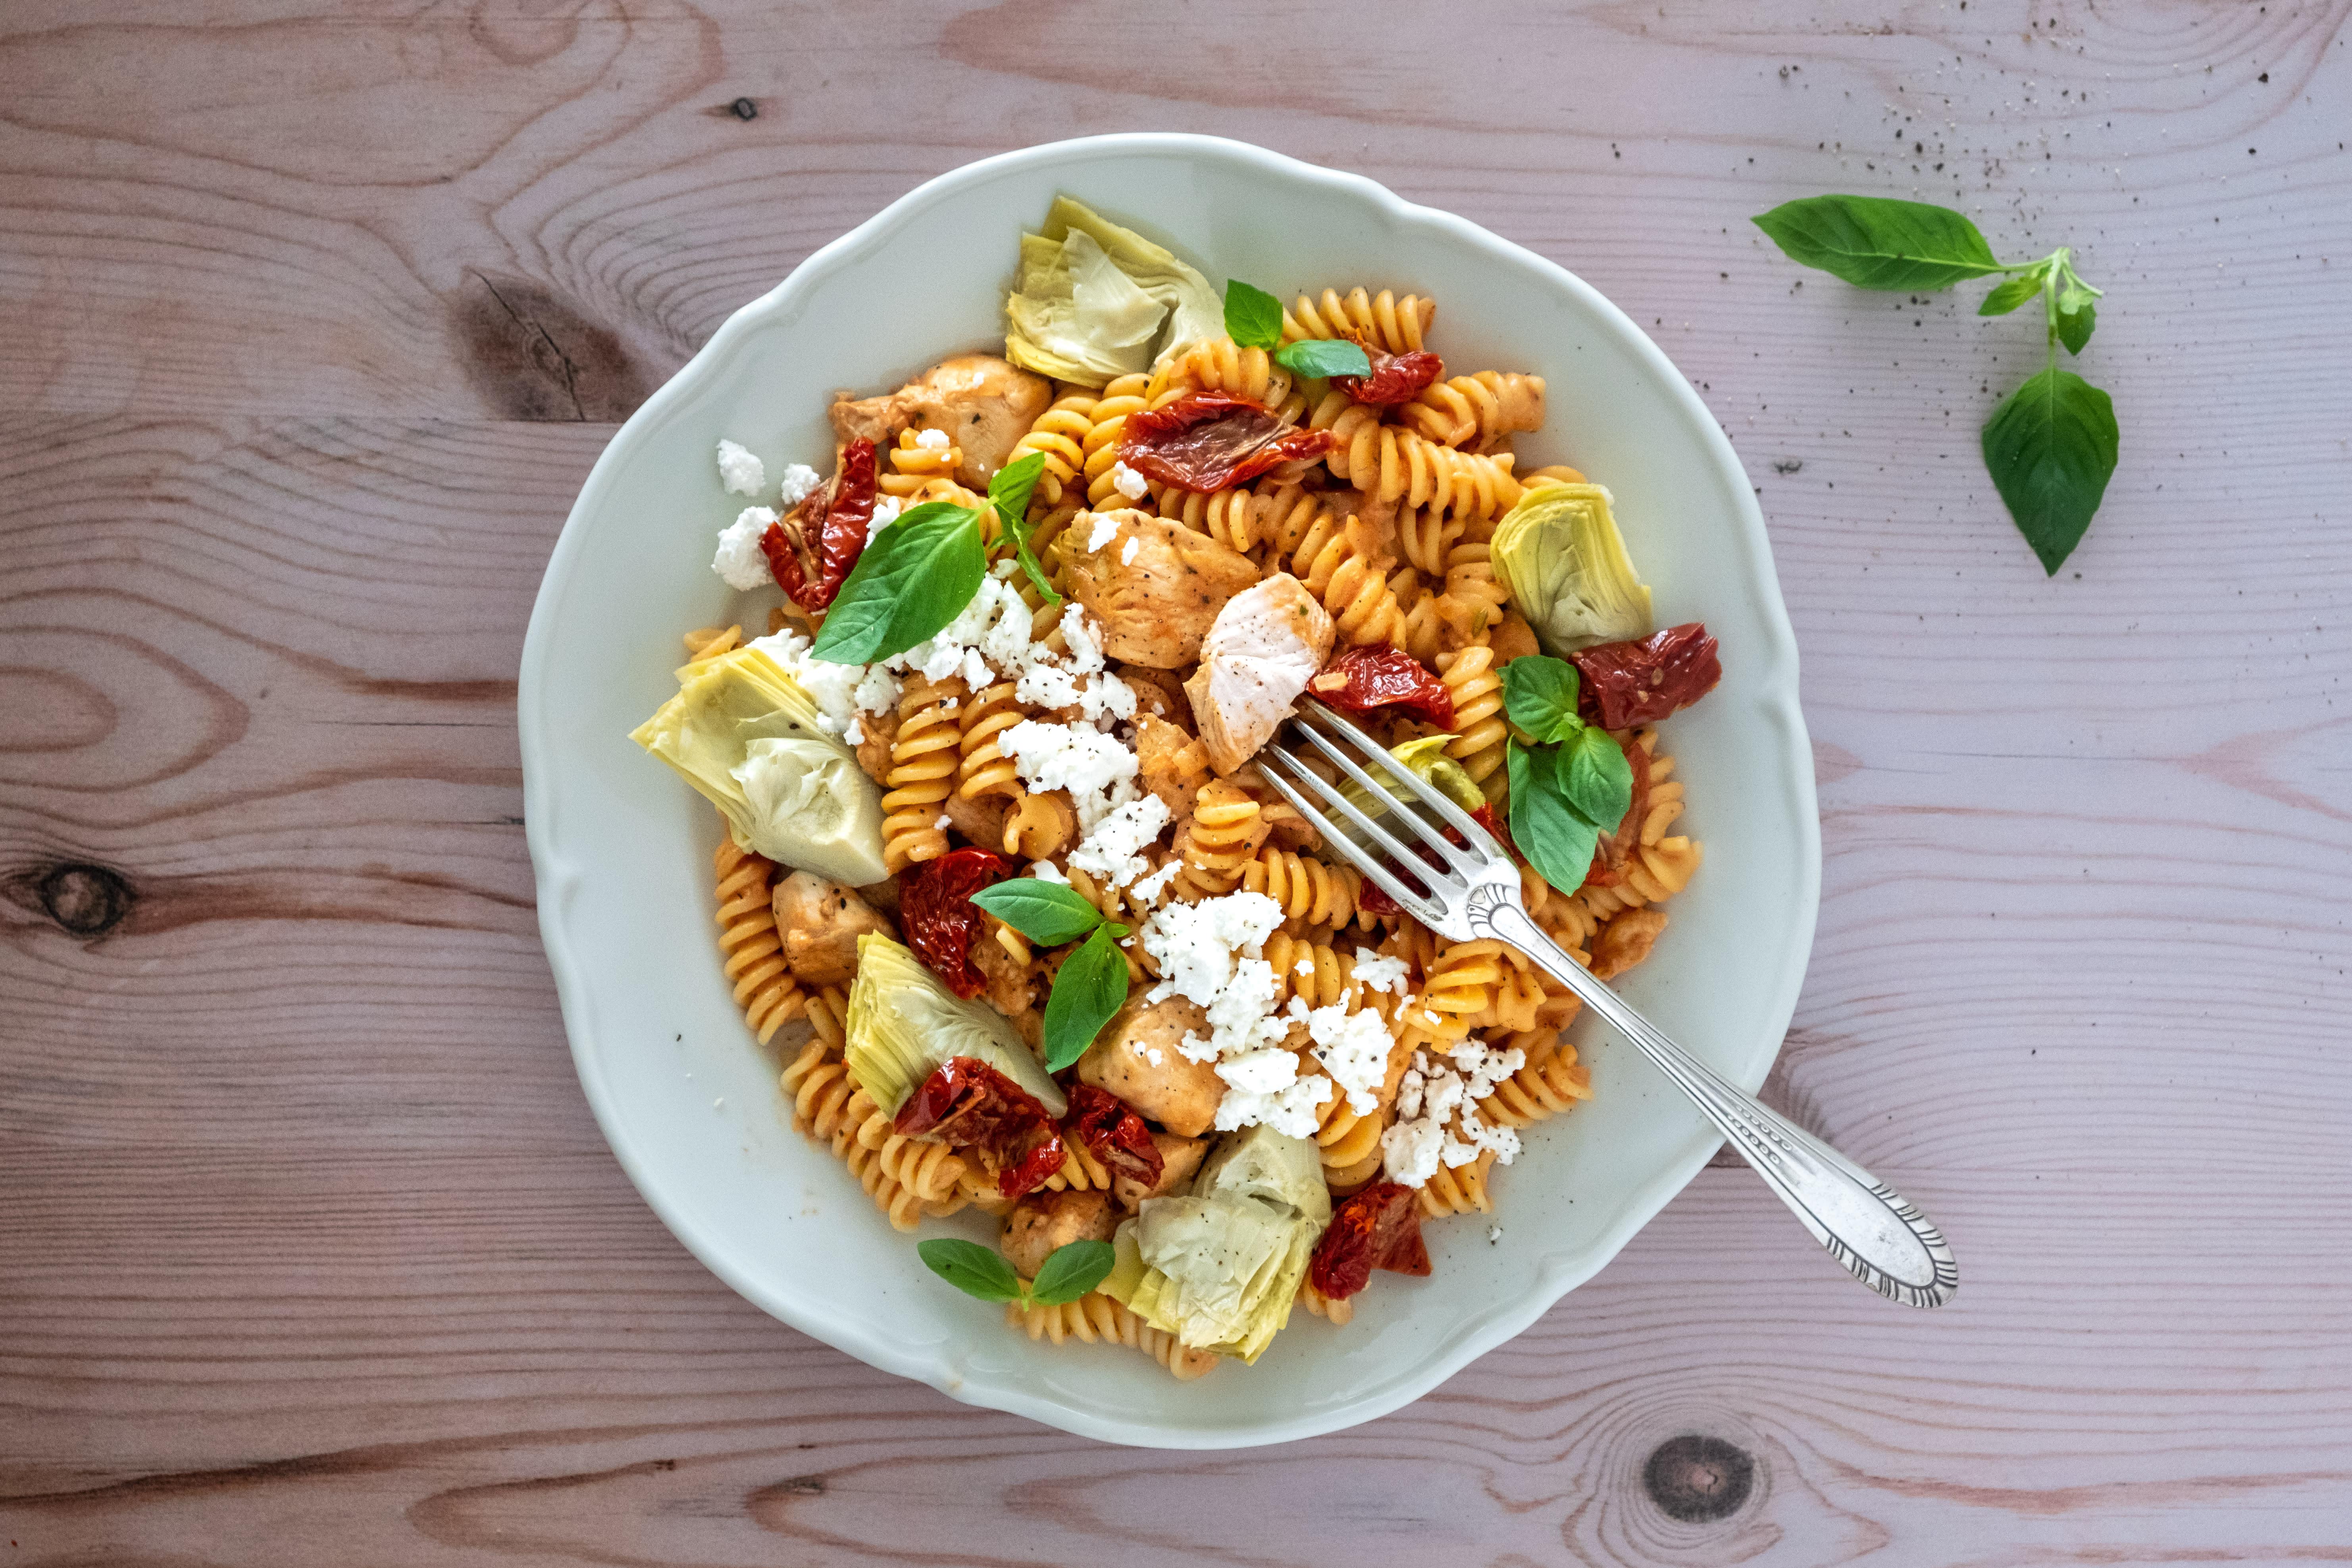 Chicken and Feta Fusilli Pasta with Artichoke Hearts and Sun-dried Tomatoes